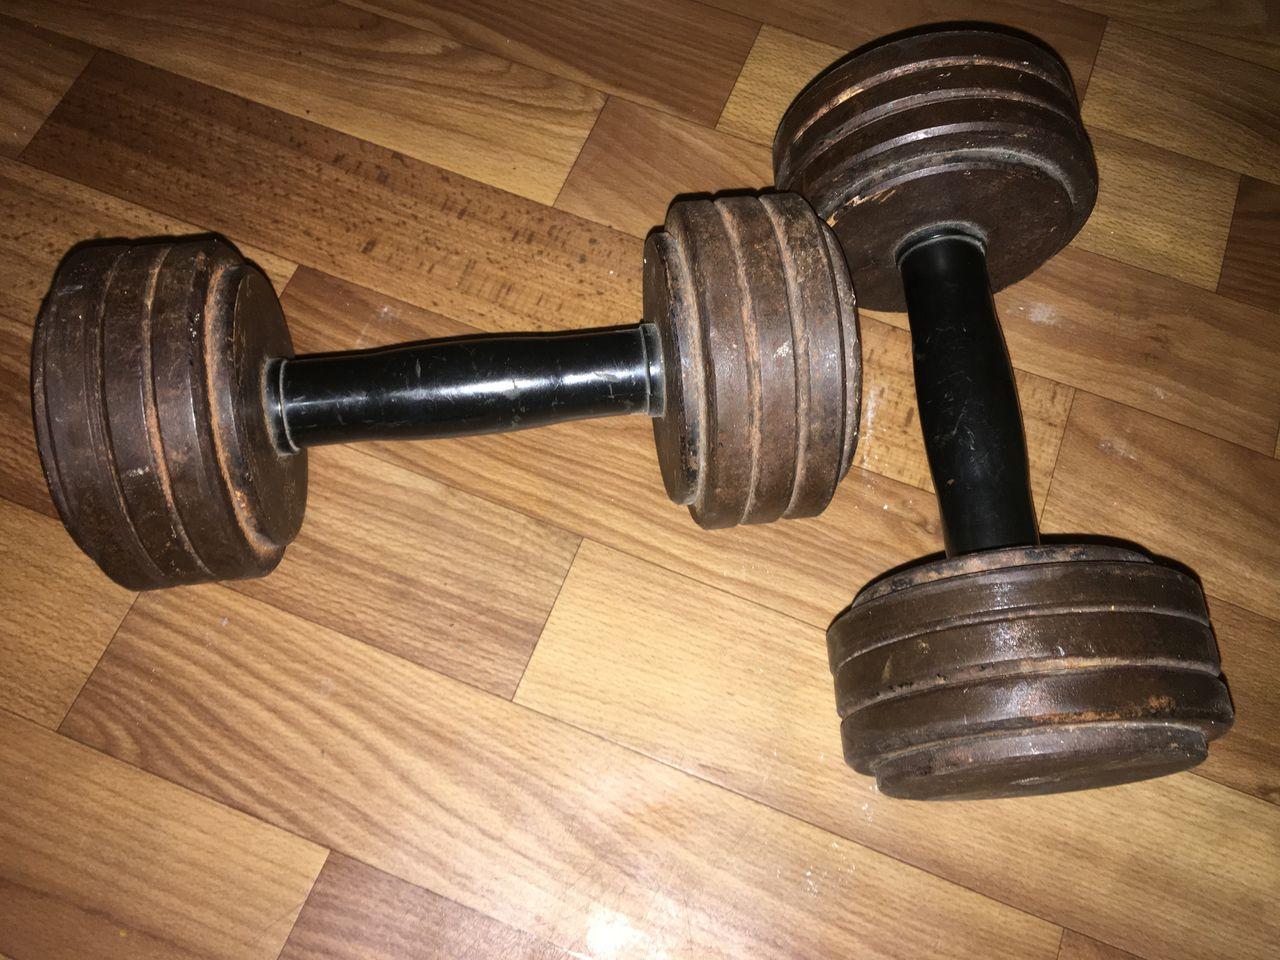 Жим гантелей сидя или штанги: что лучше и какие мышцы работают